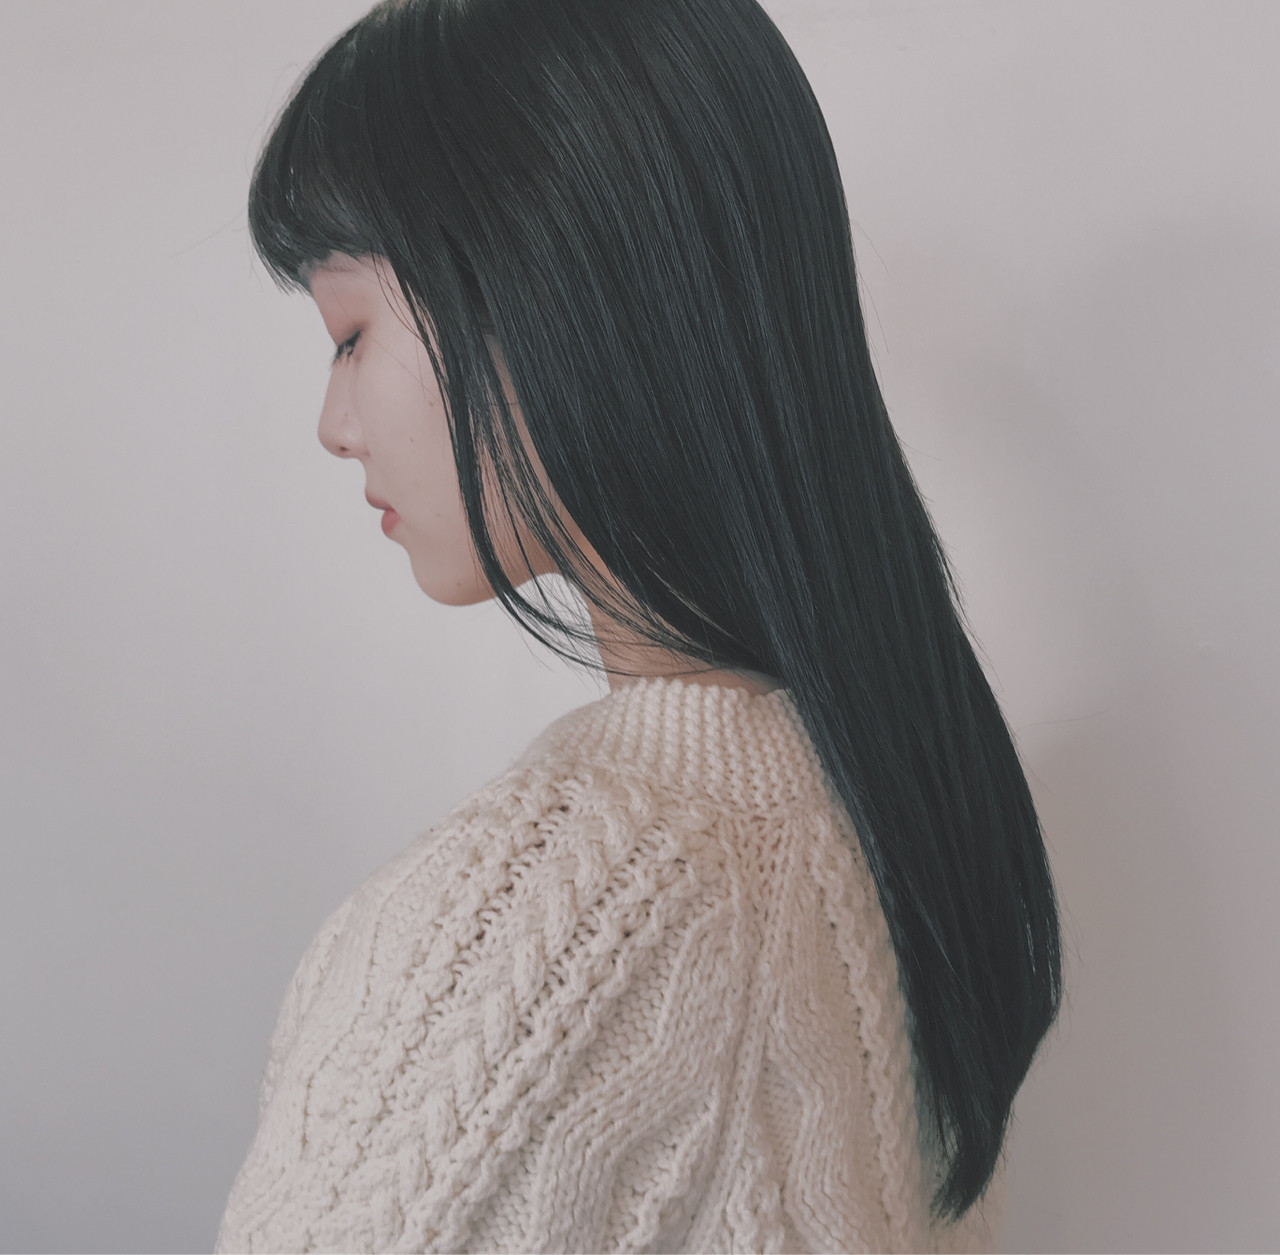 前髪ありなら清潔感たっぷりなストレートロング♪ BRIDGE英香 | BRIDGE